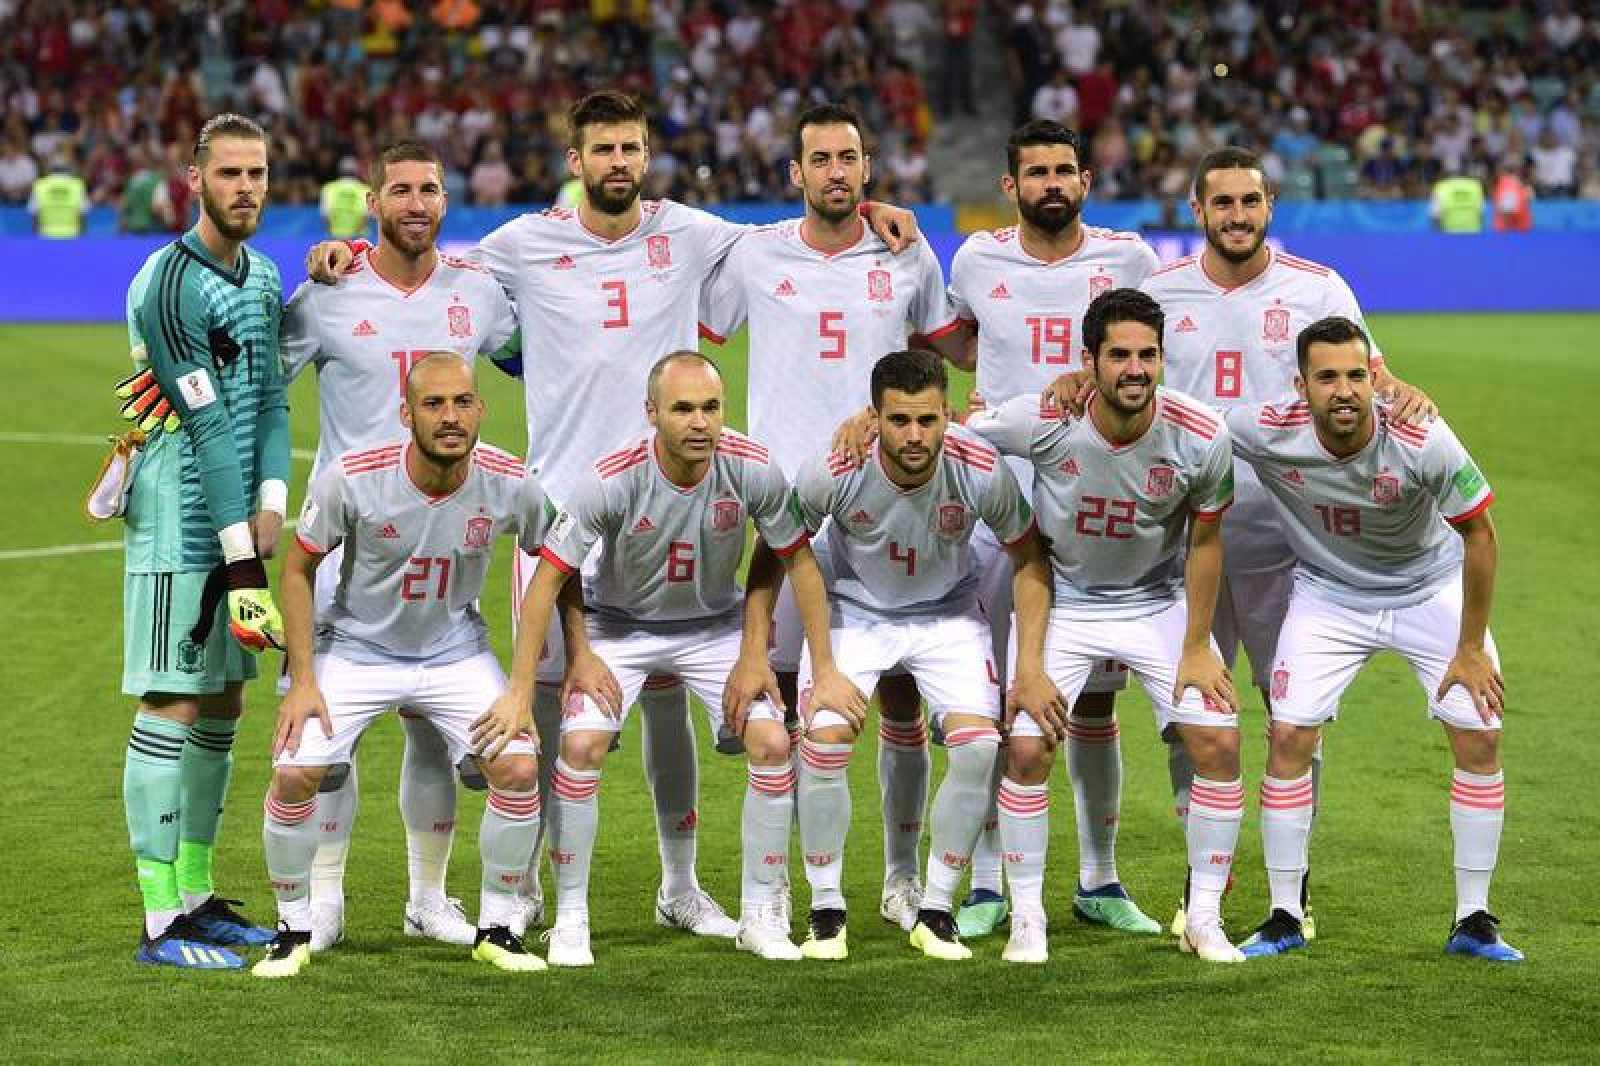 La selección española de fútbol en el posado antes del choque ante Portugal.